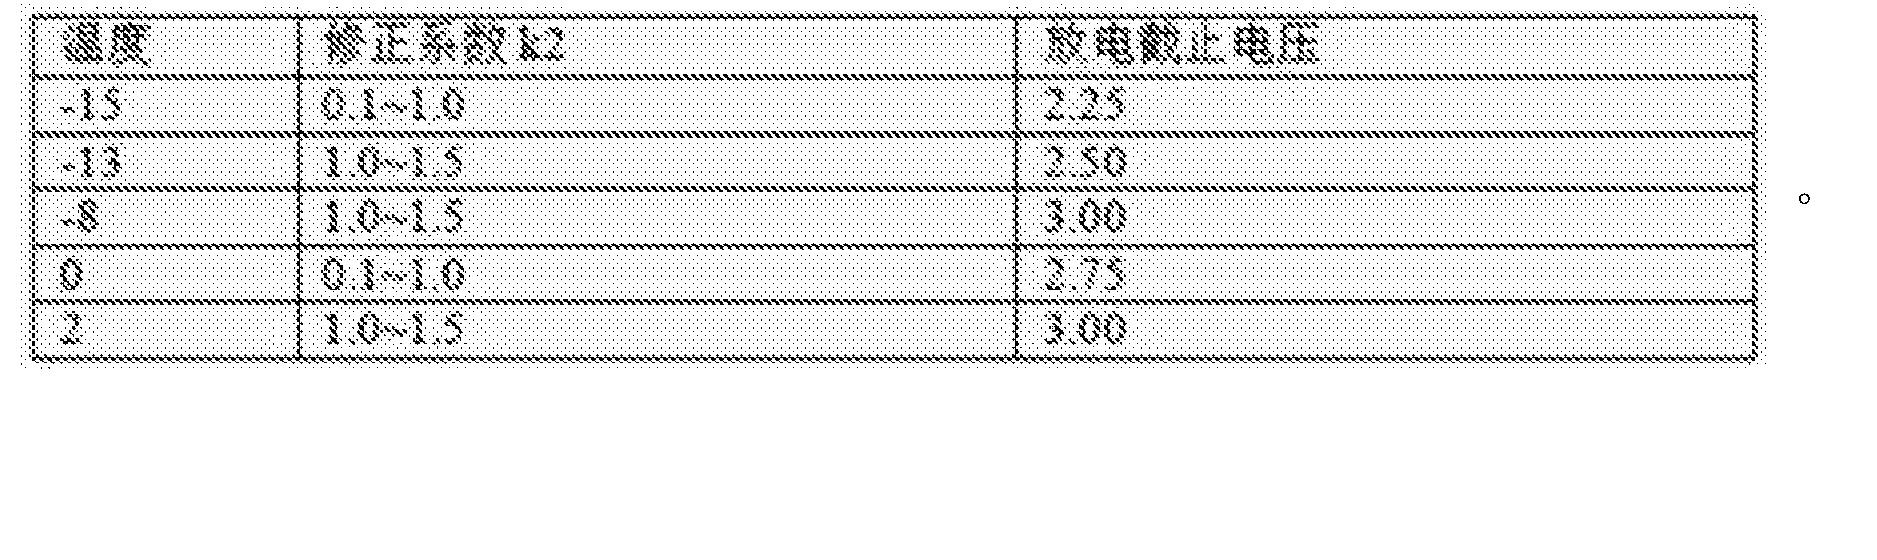 Figure CN105539183BD00072